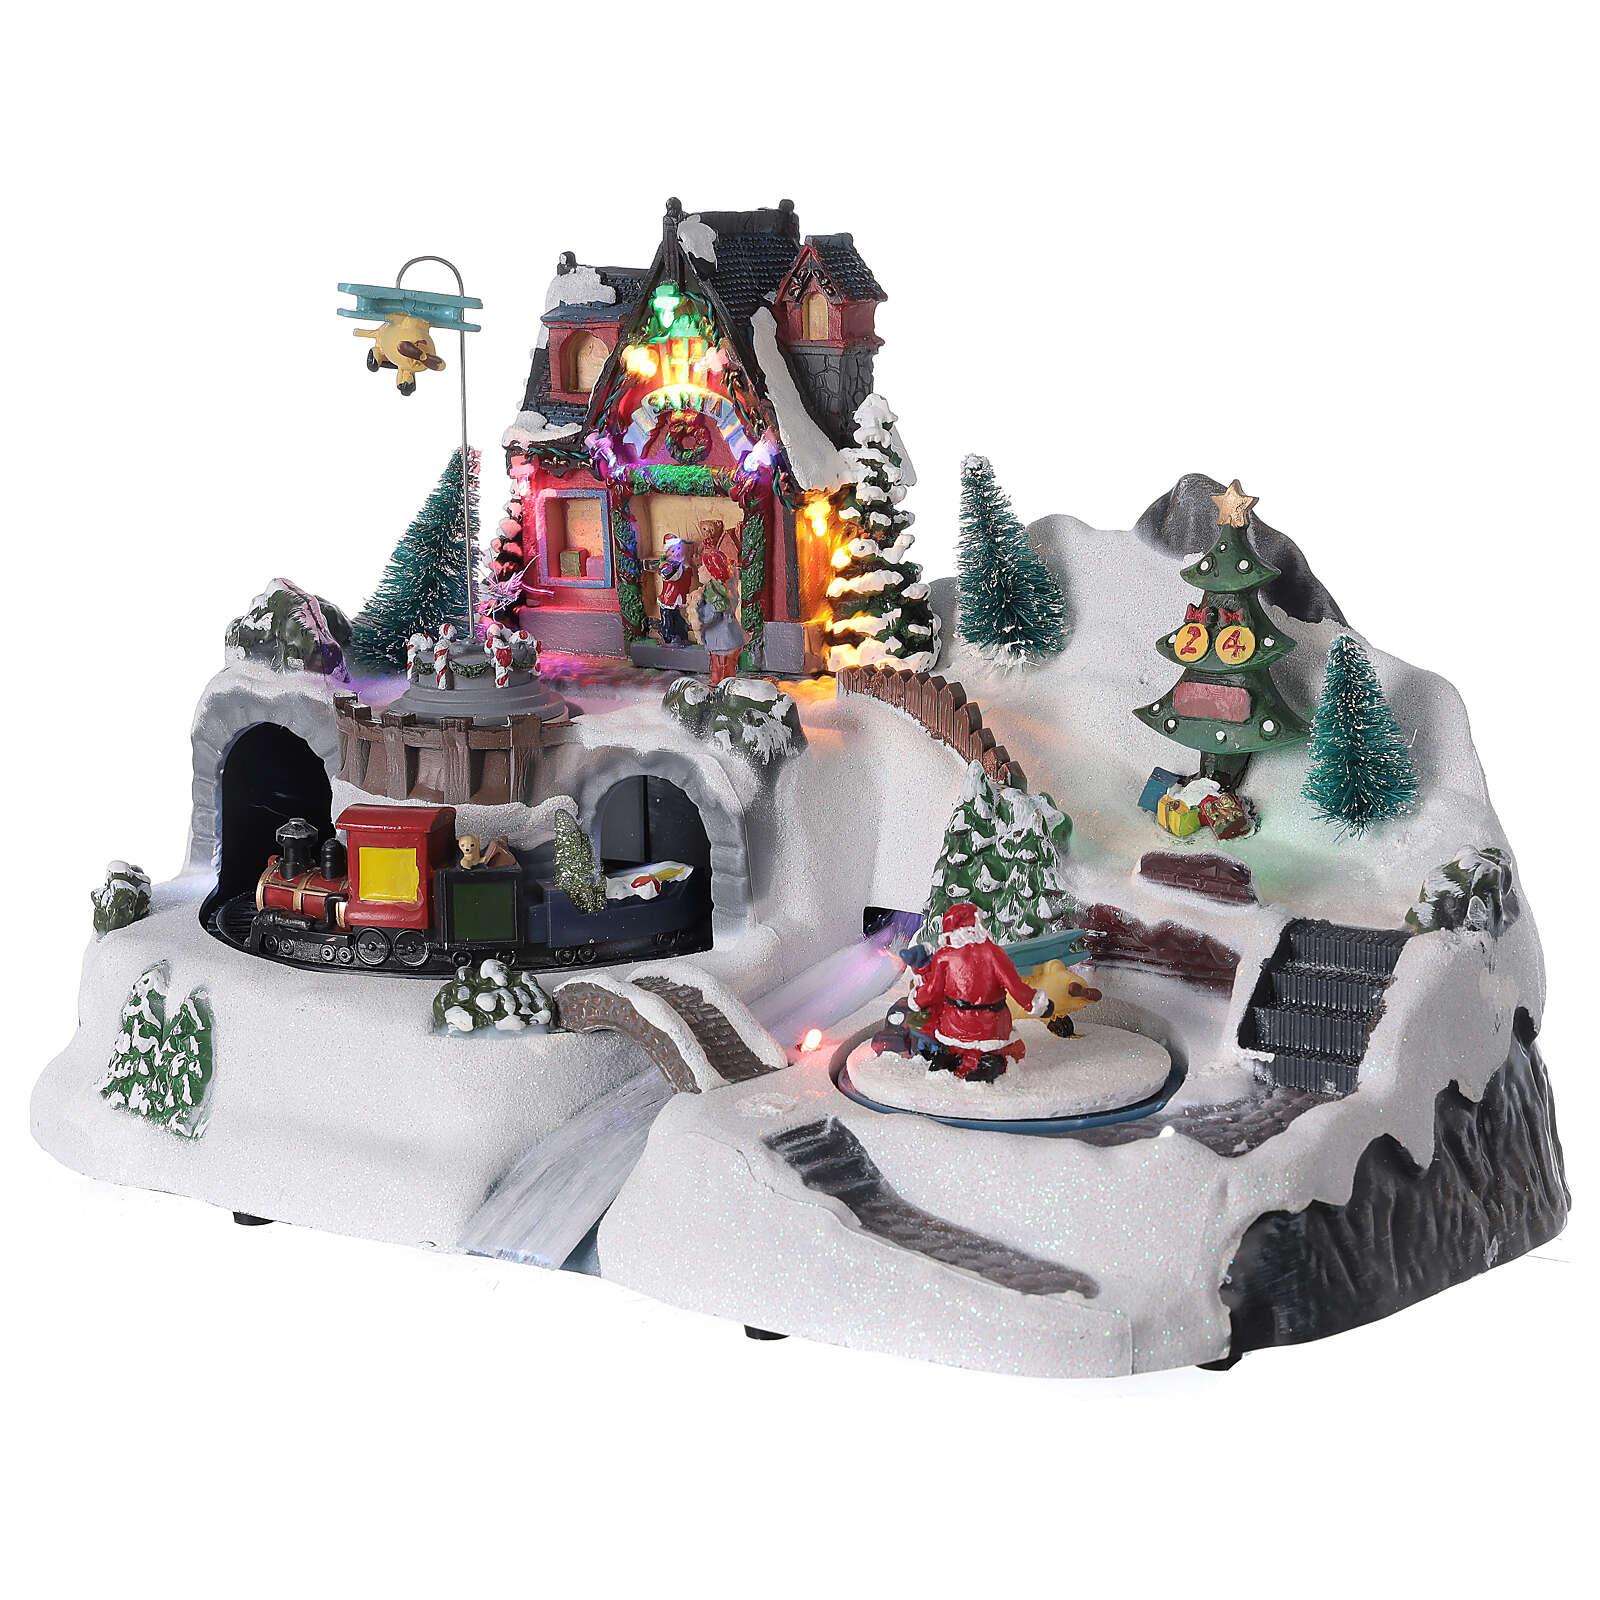 Villaggio Natale tunnel treno luci led musica 25x40x20 cm 3